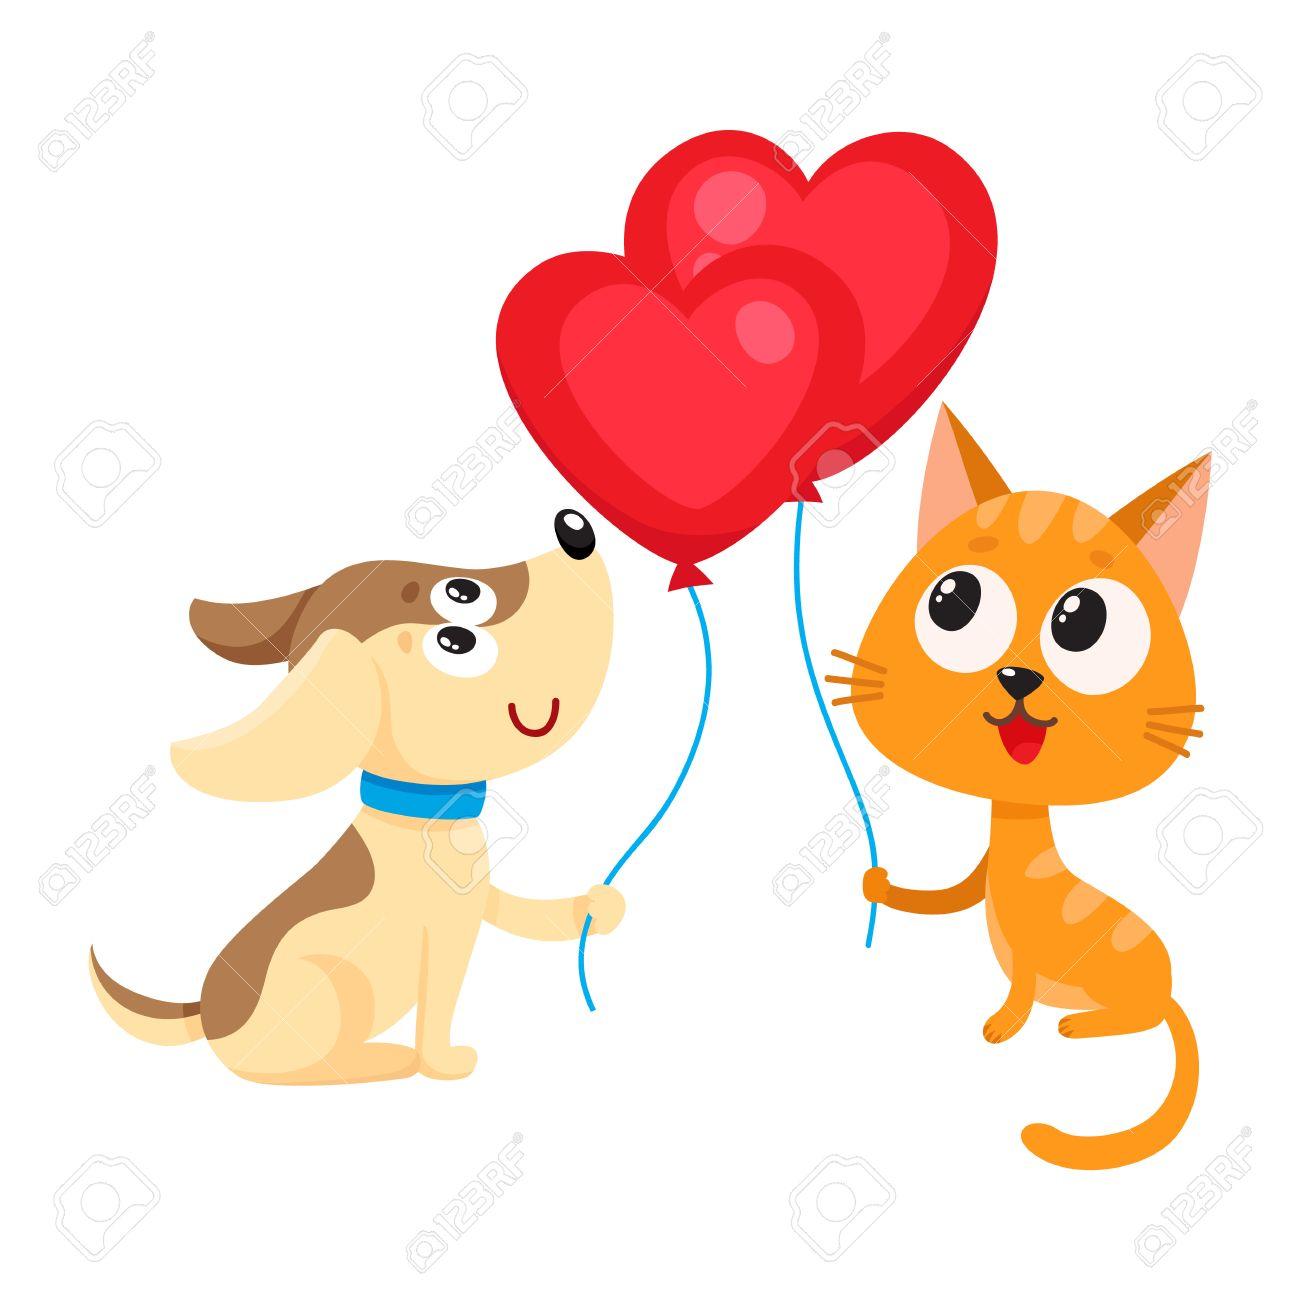 2585eb8bbfe62 Cute Y Divertido Perro Y Gato Sosteniendo Corazón Rojo En Forma De Globo